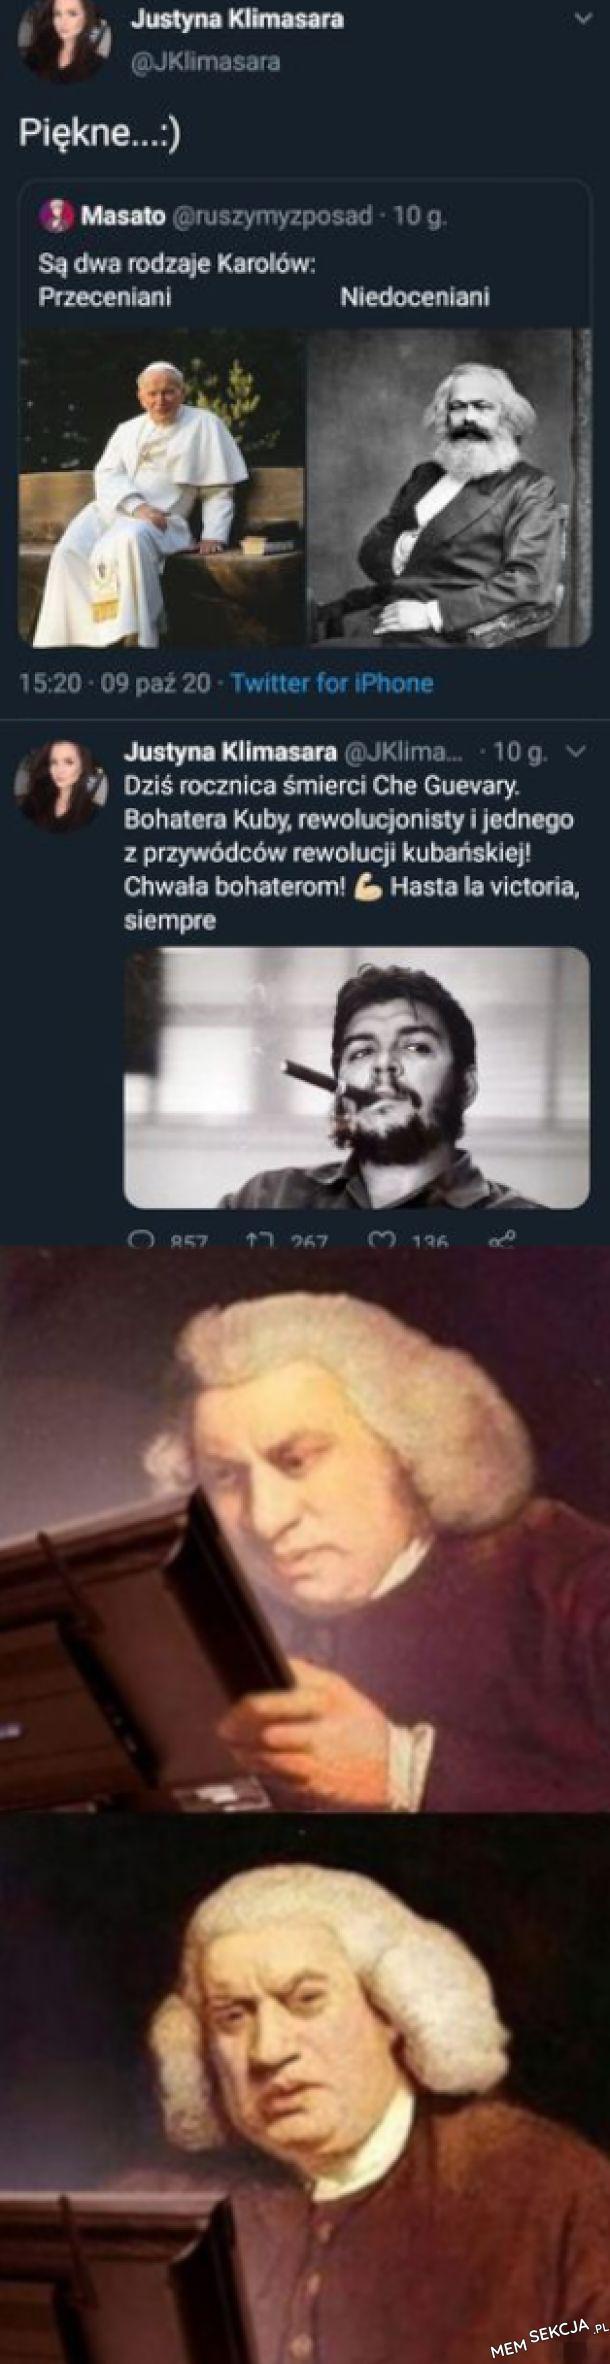 dwa rodzaje Karolów